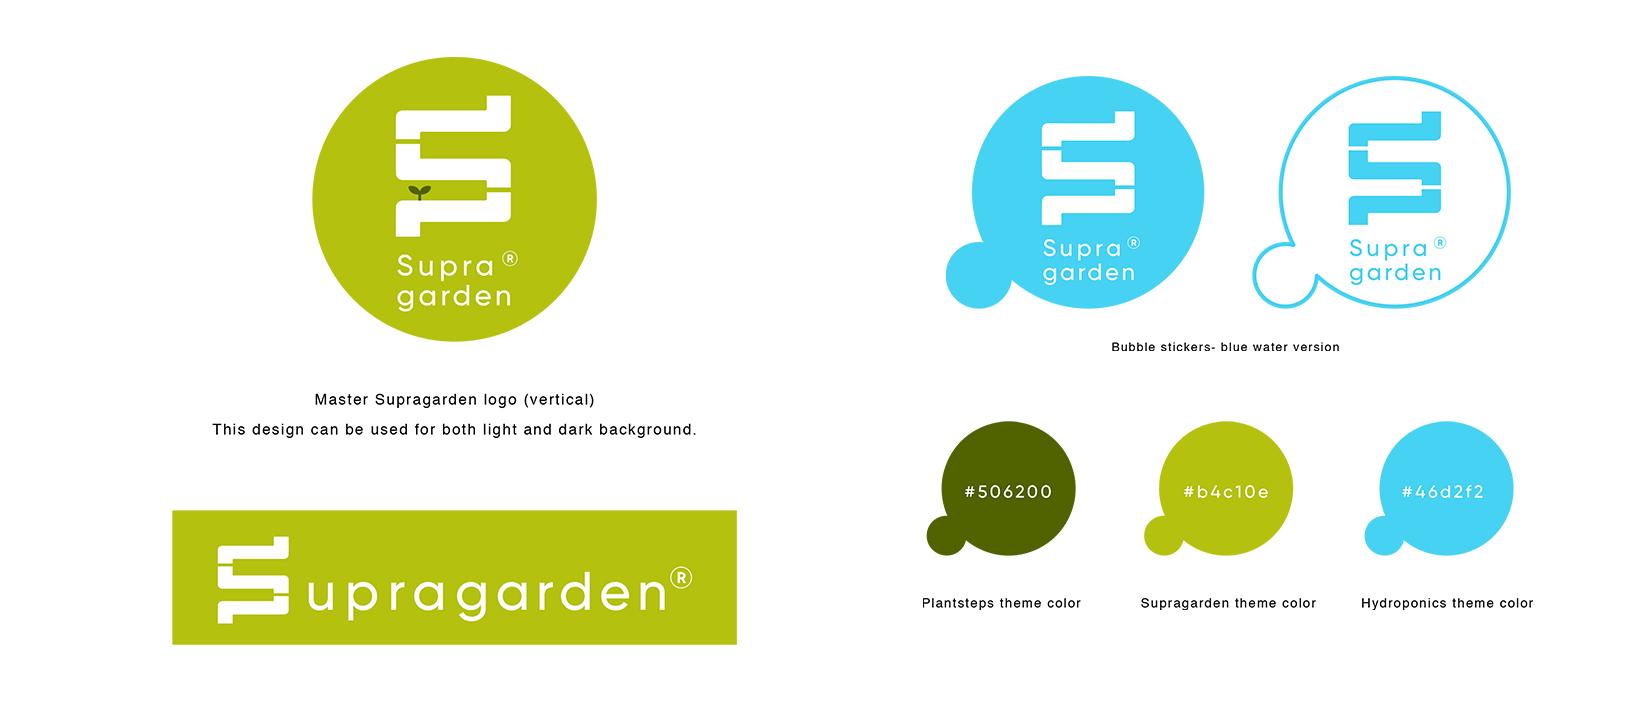 Supragarden-logo